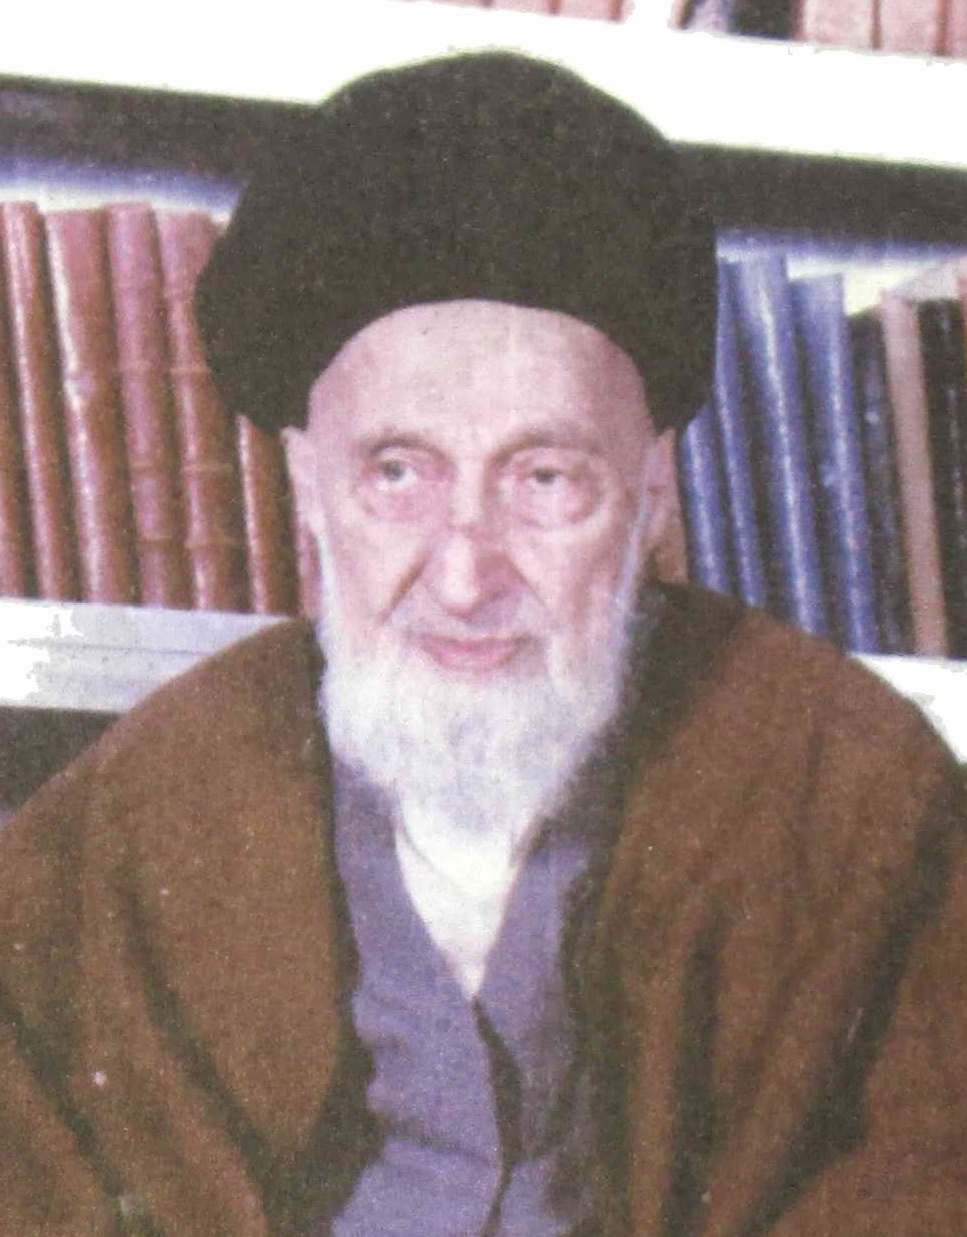 السيد علي بن السيد حسن الحسيني البهشتي قدس سره11